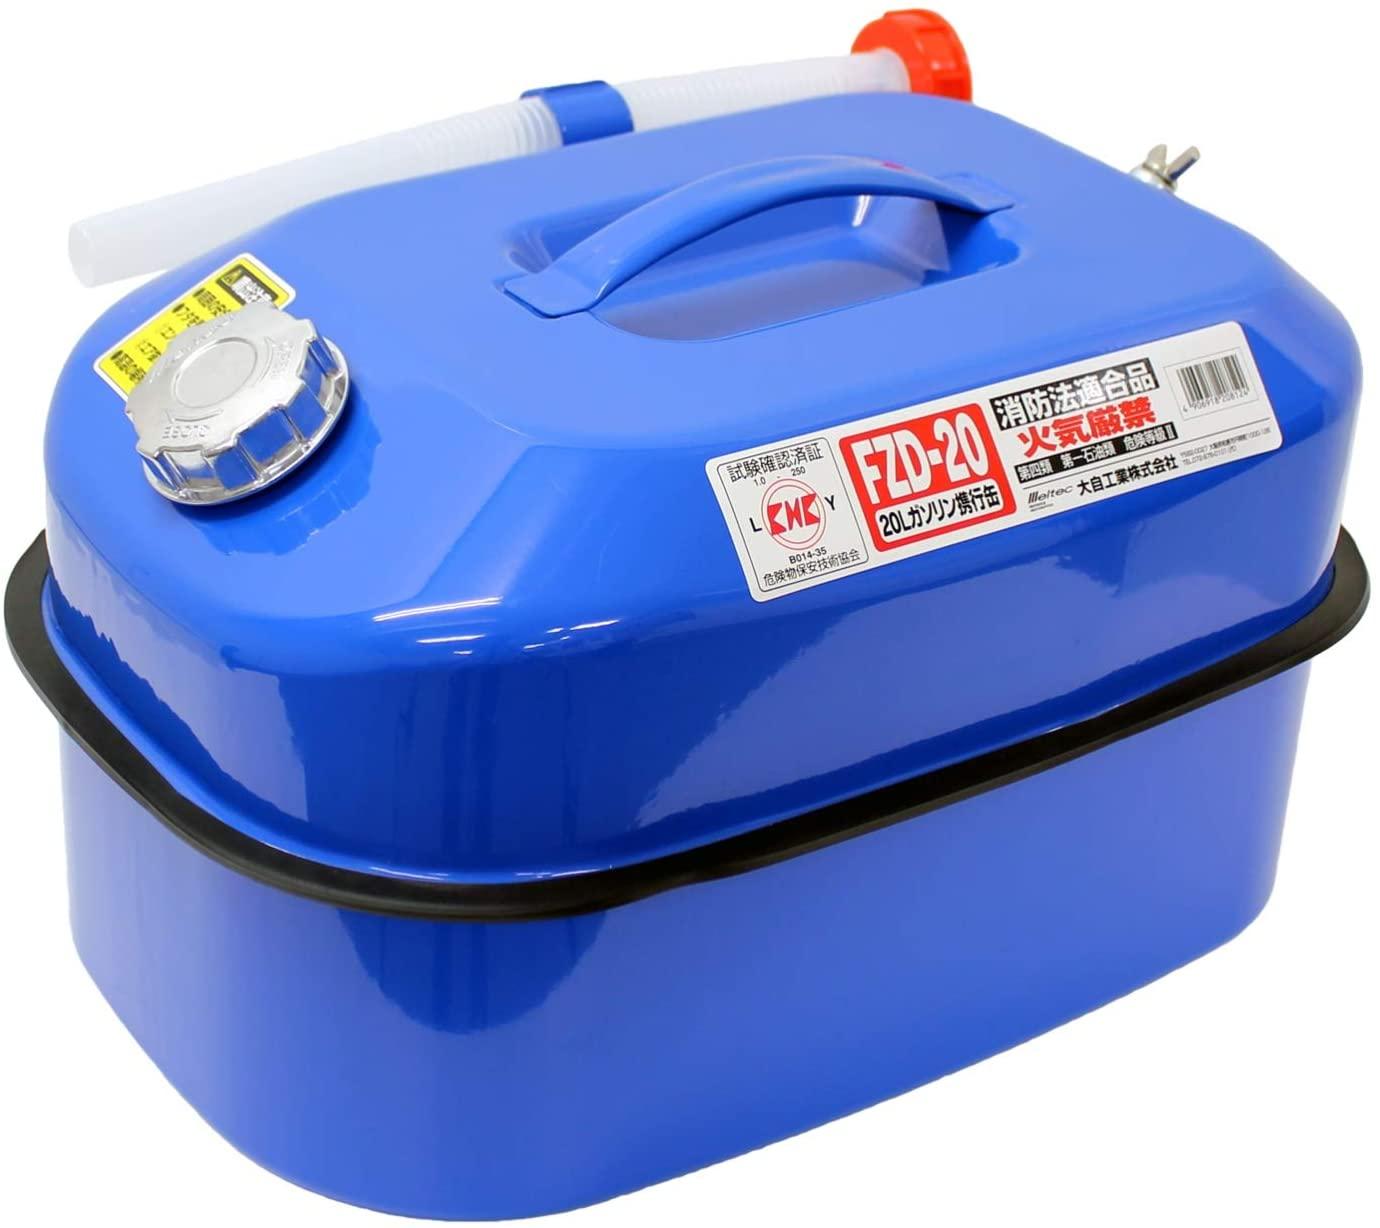 ガソリン携行缶 ファクトリーアウトレット 20L 消防法適合品 KHK 今だけ限定15%OFFクーポン発行中 亜鉛メッキ鋼鈑 鋼鈑厚み 大自工業 FZD20 積重ねタイプ ブルー 0.8mm